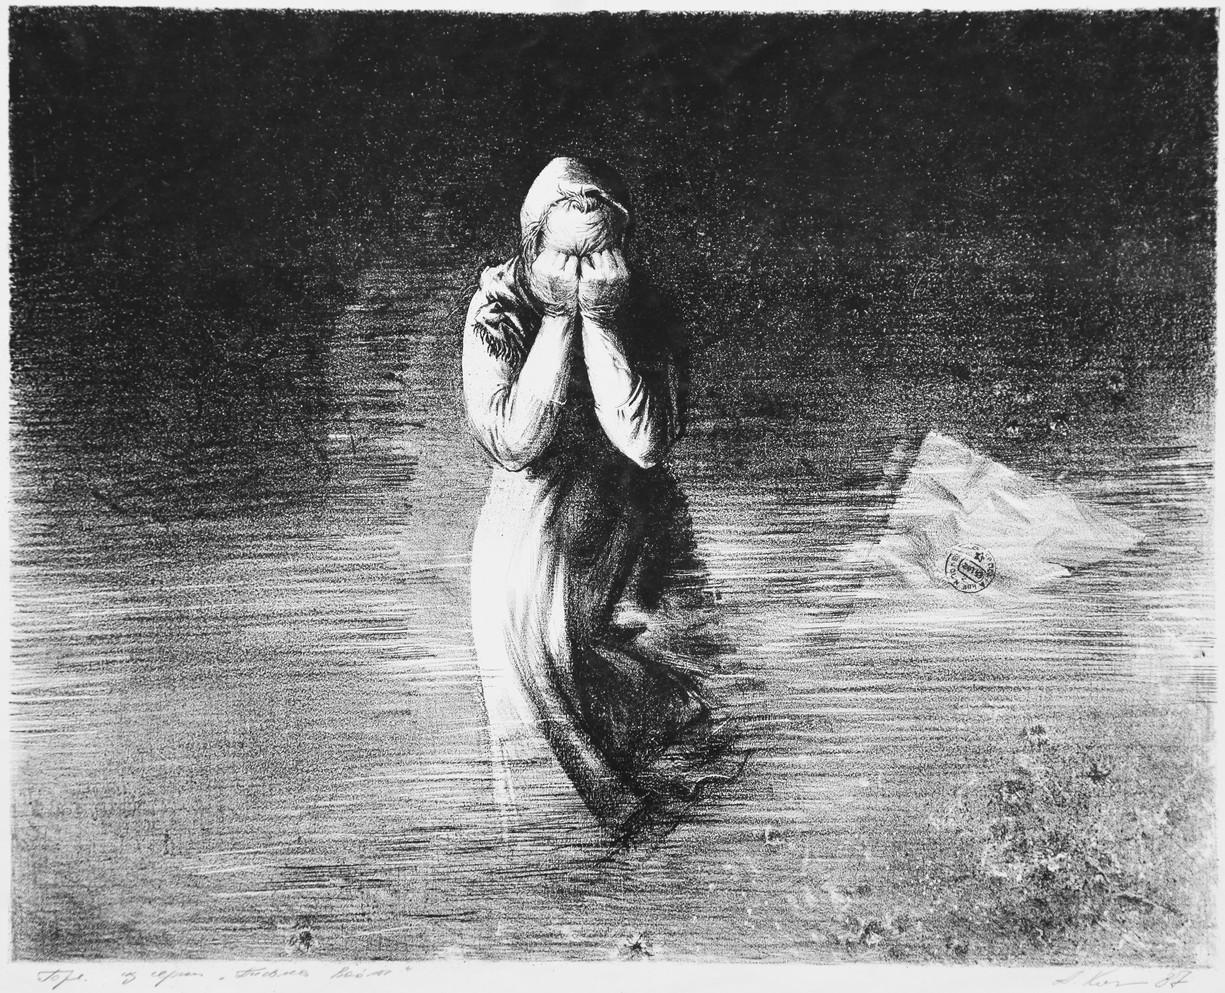 Горе. Из серии Письма войны. бум., литография. А.А. Корольчук